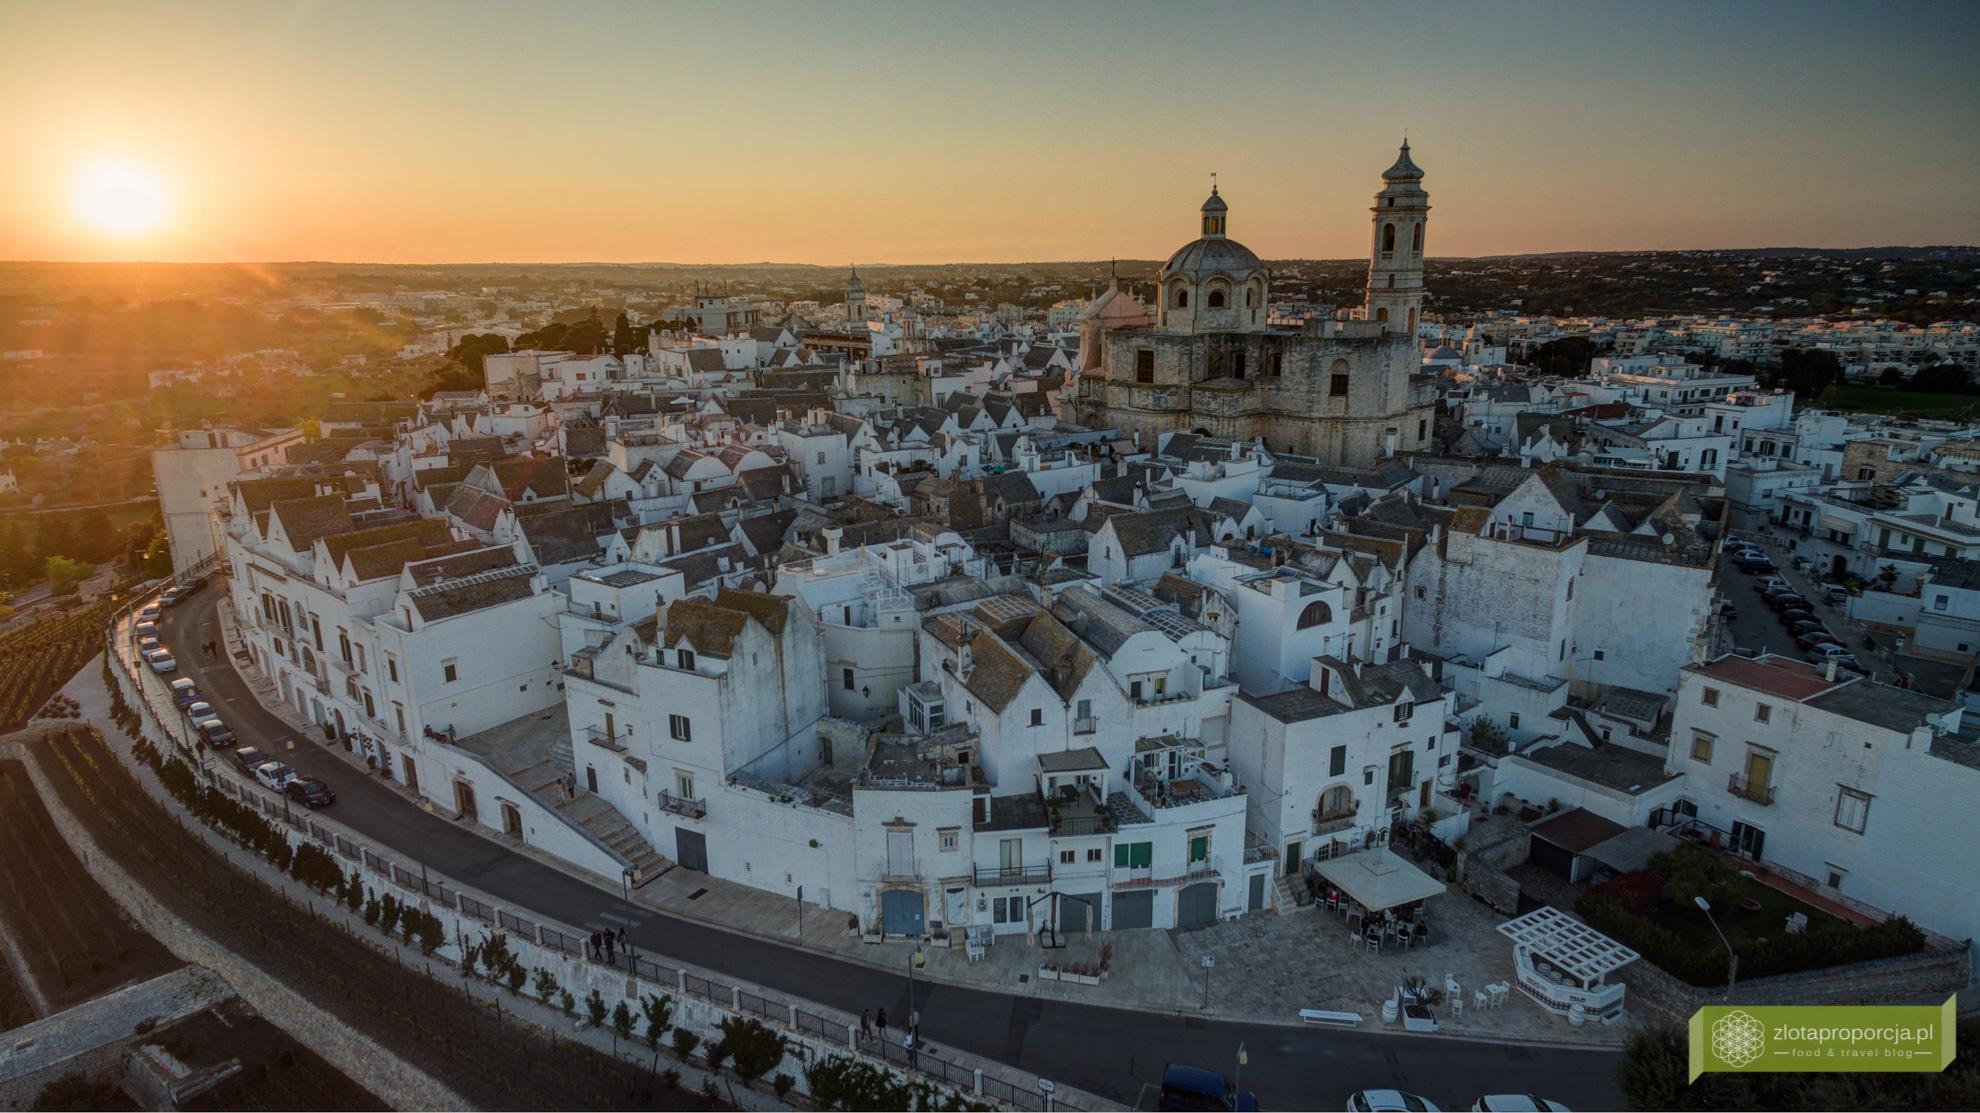 Apulia, Włochy